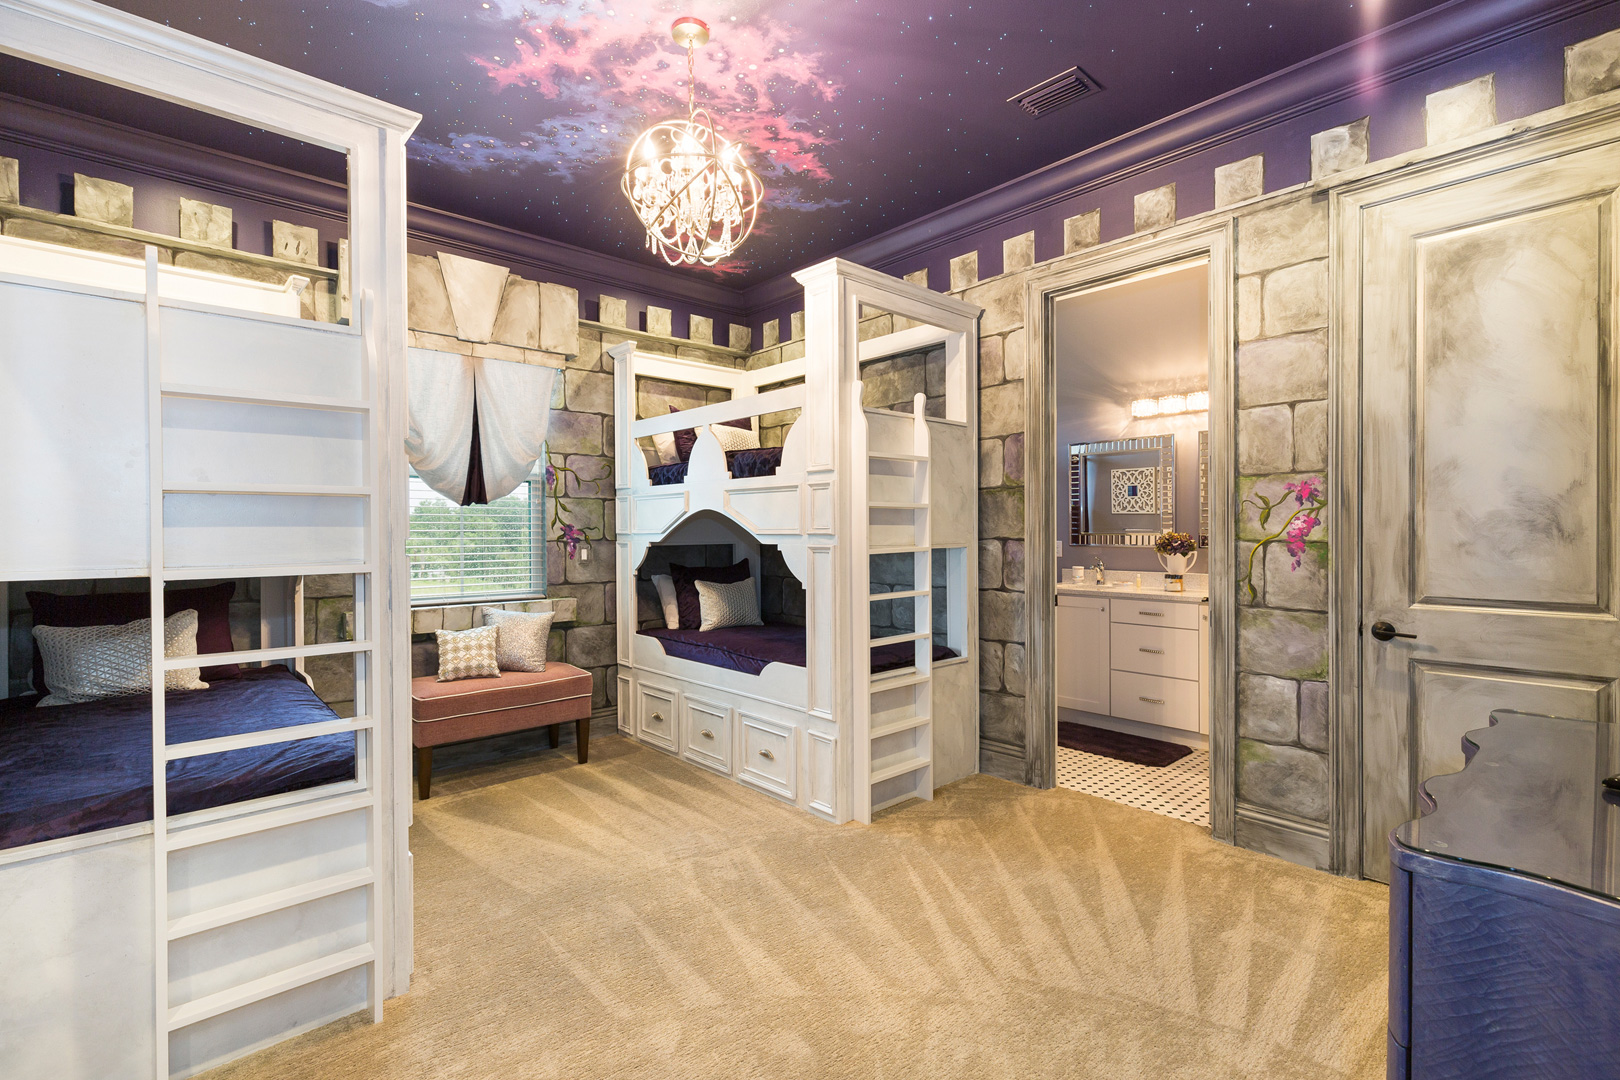 Bedrooms64